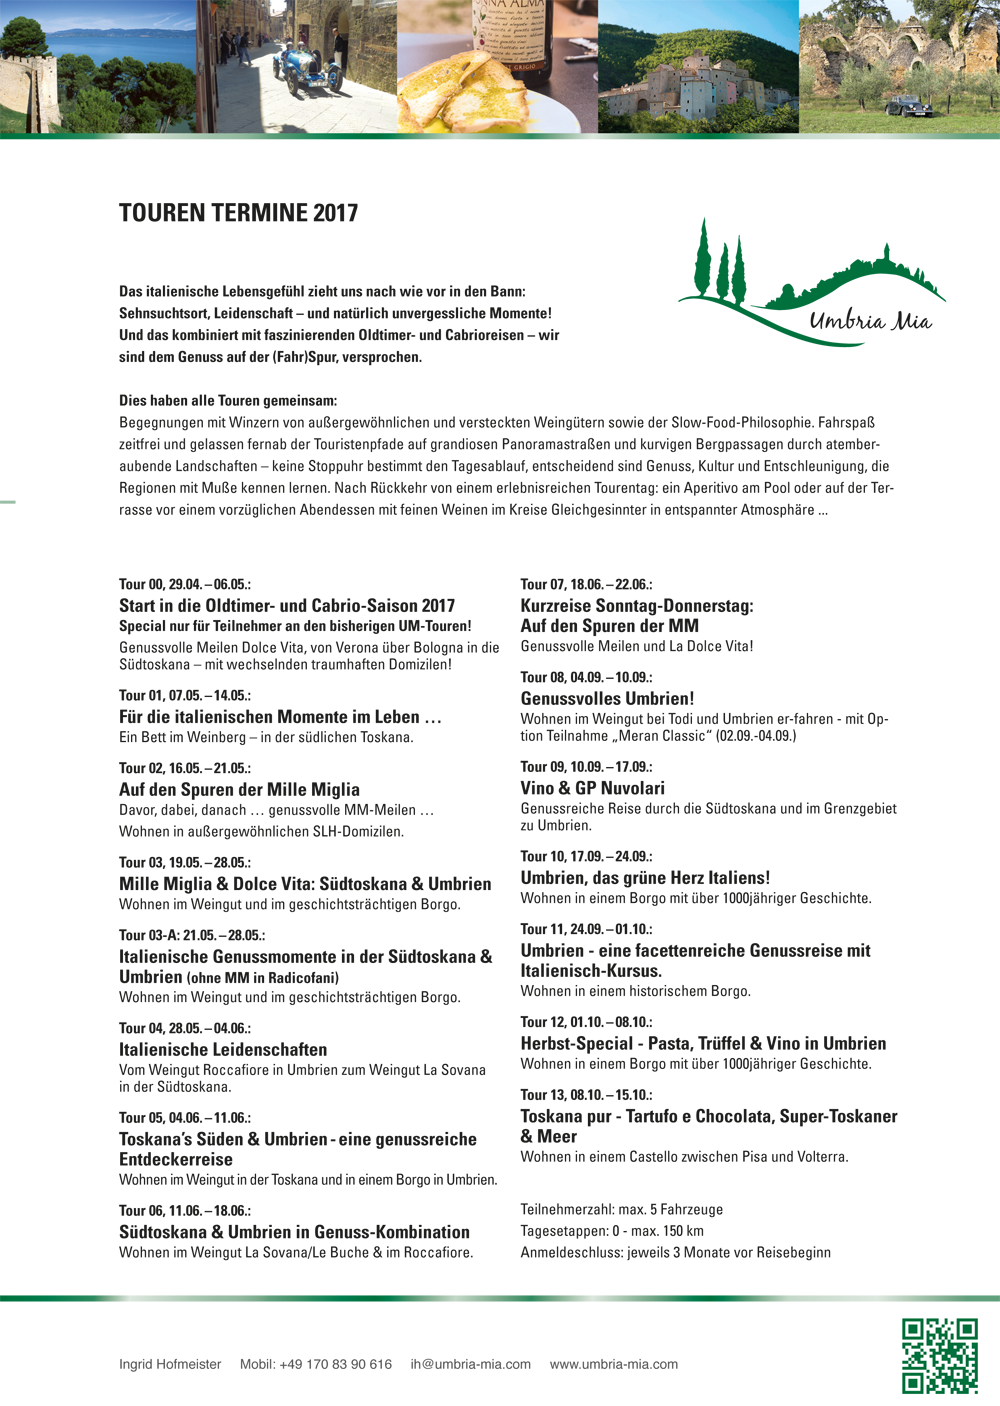 Tourenüebersicht 2017